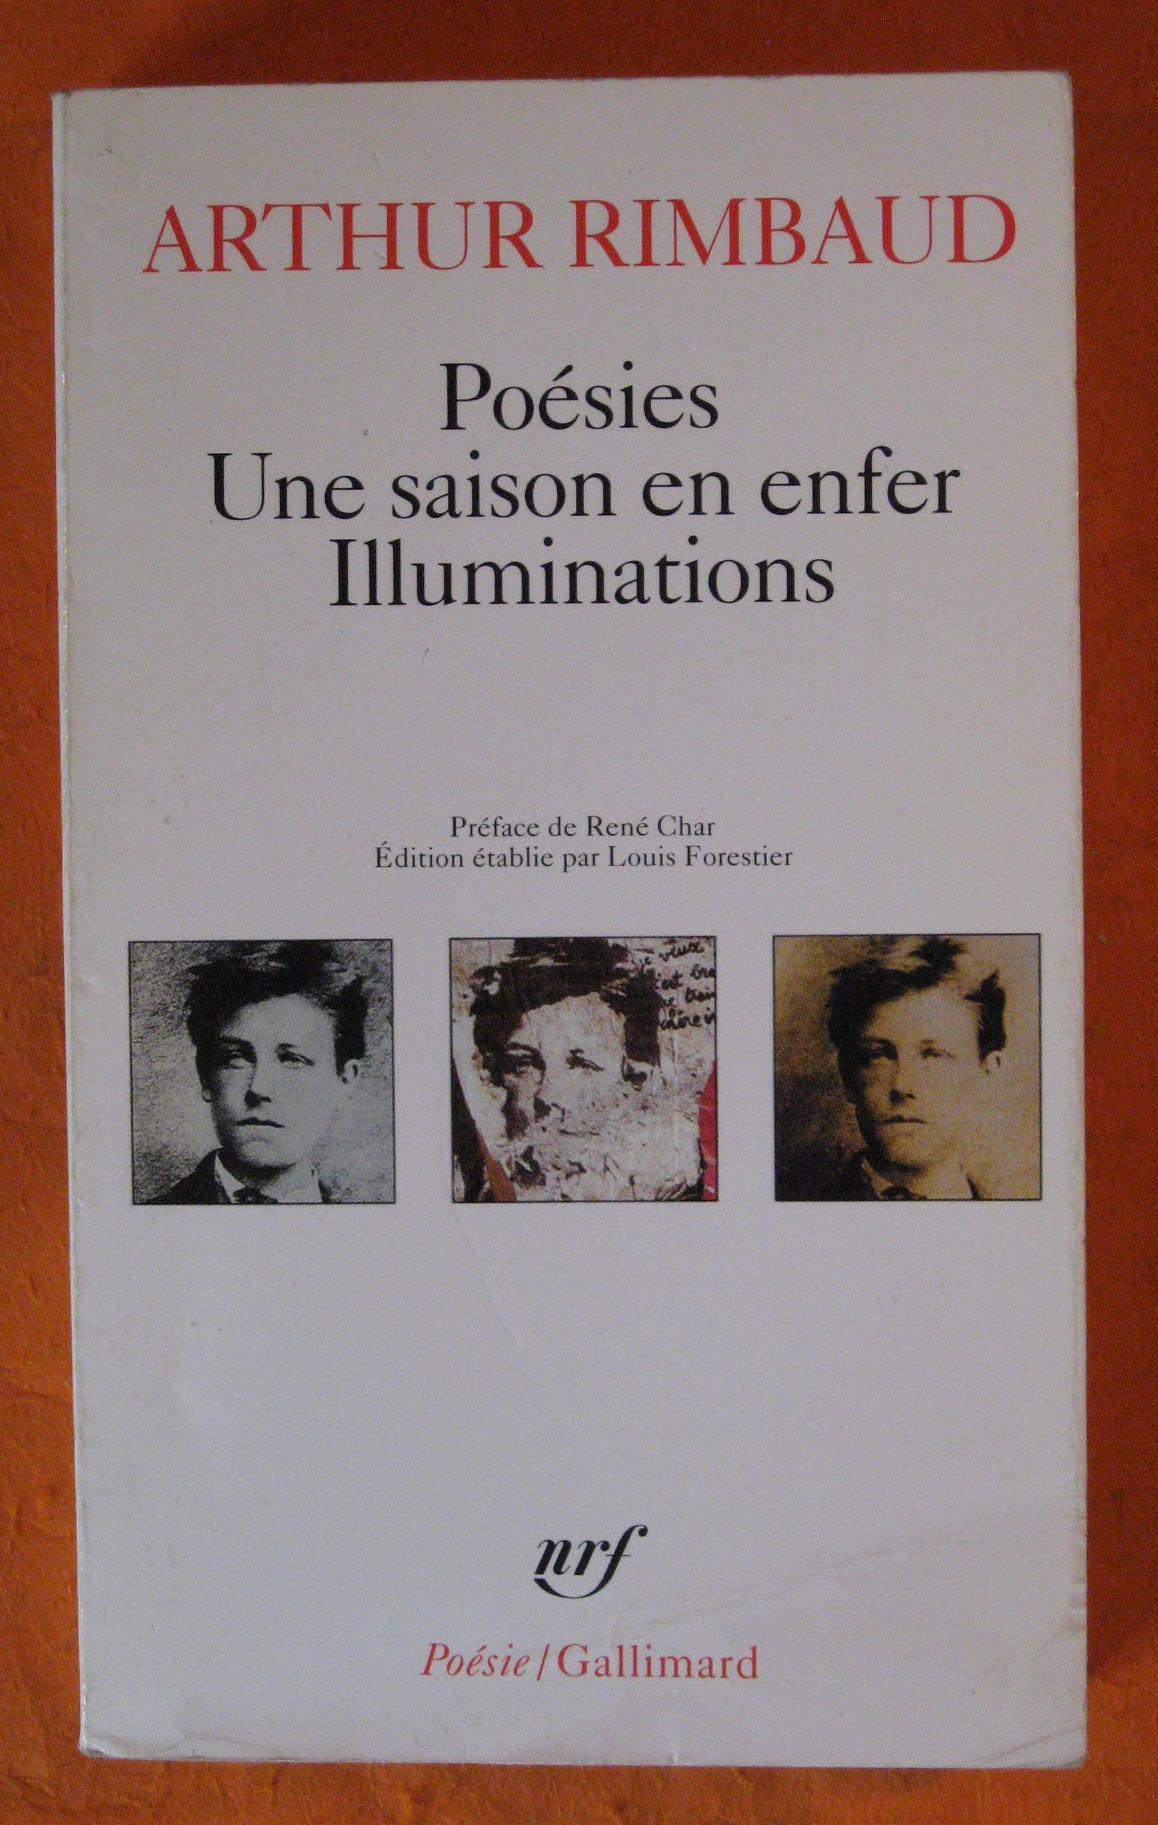 Poesies : Une Saison en Enfer, Illuminations, Rimbaud, Arthur